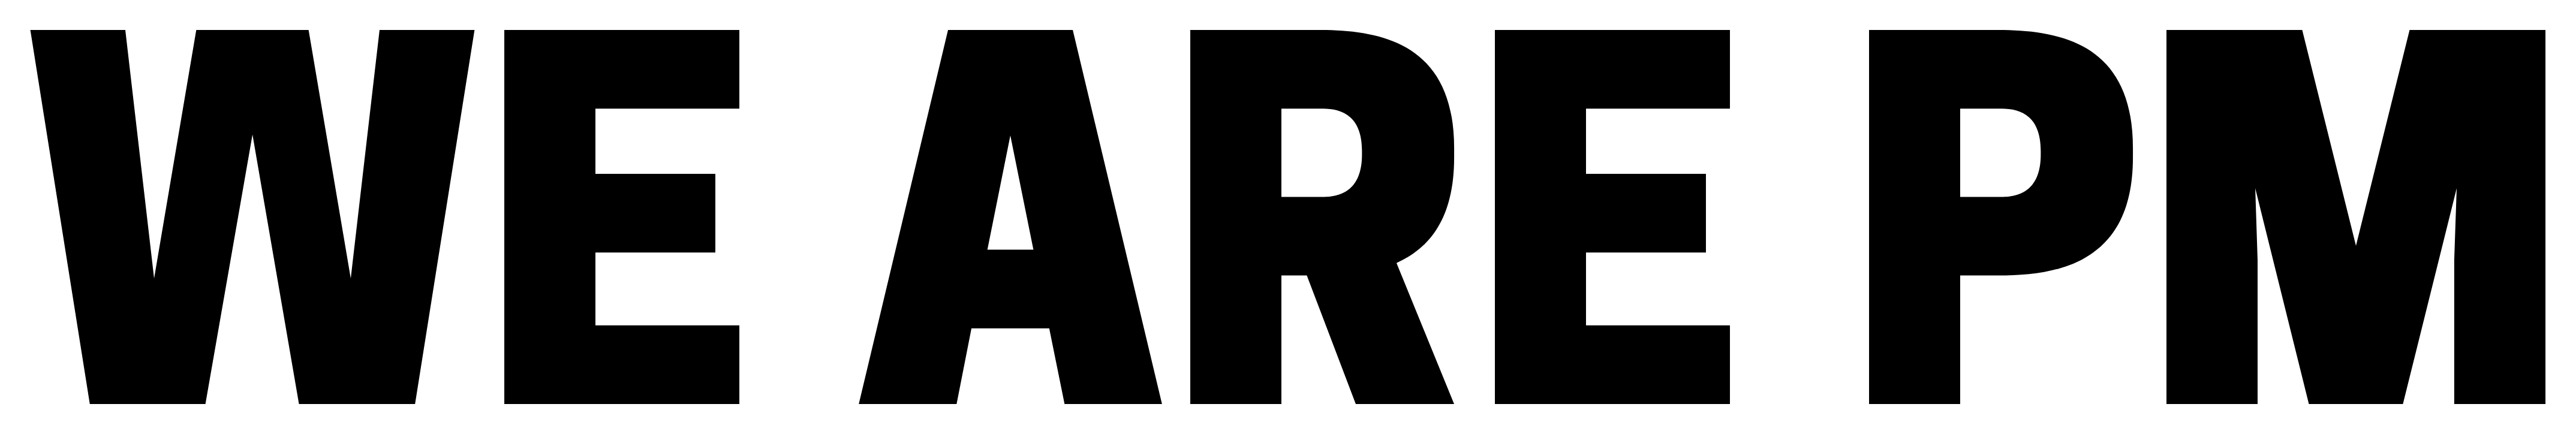 Logo We are PM - Play Malmö - @playmalmo - playmalmo.se